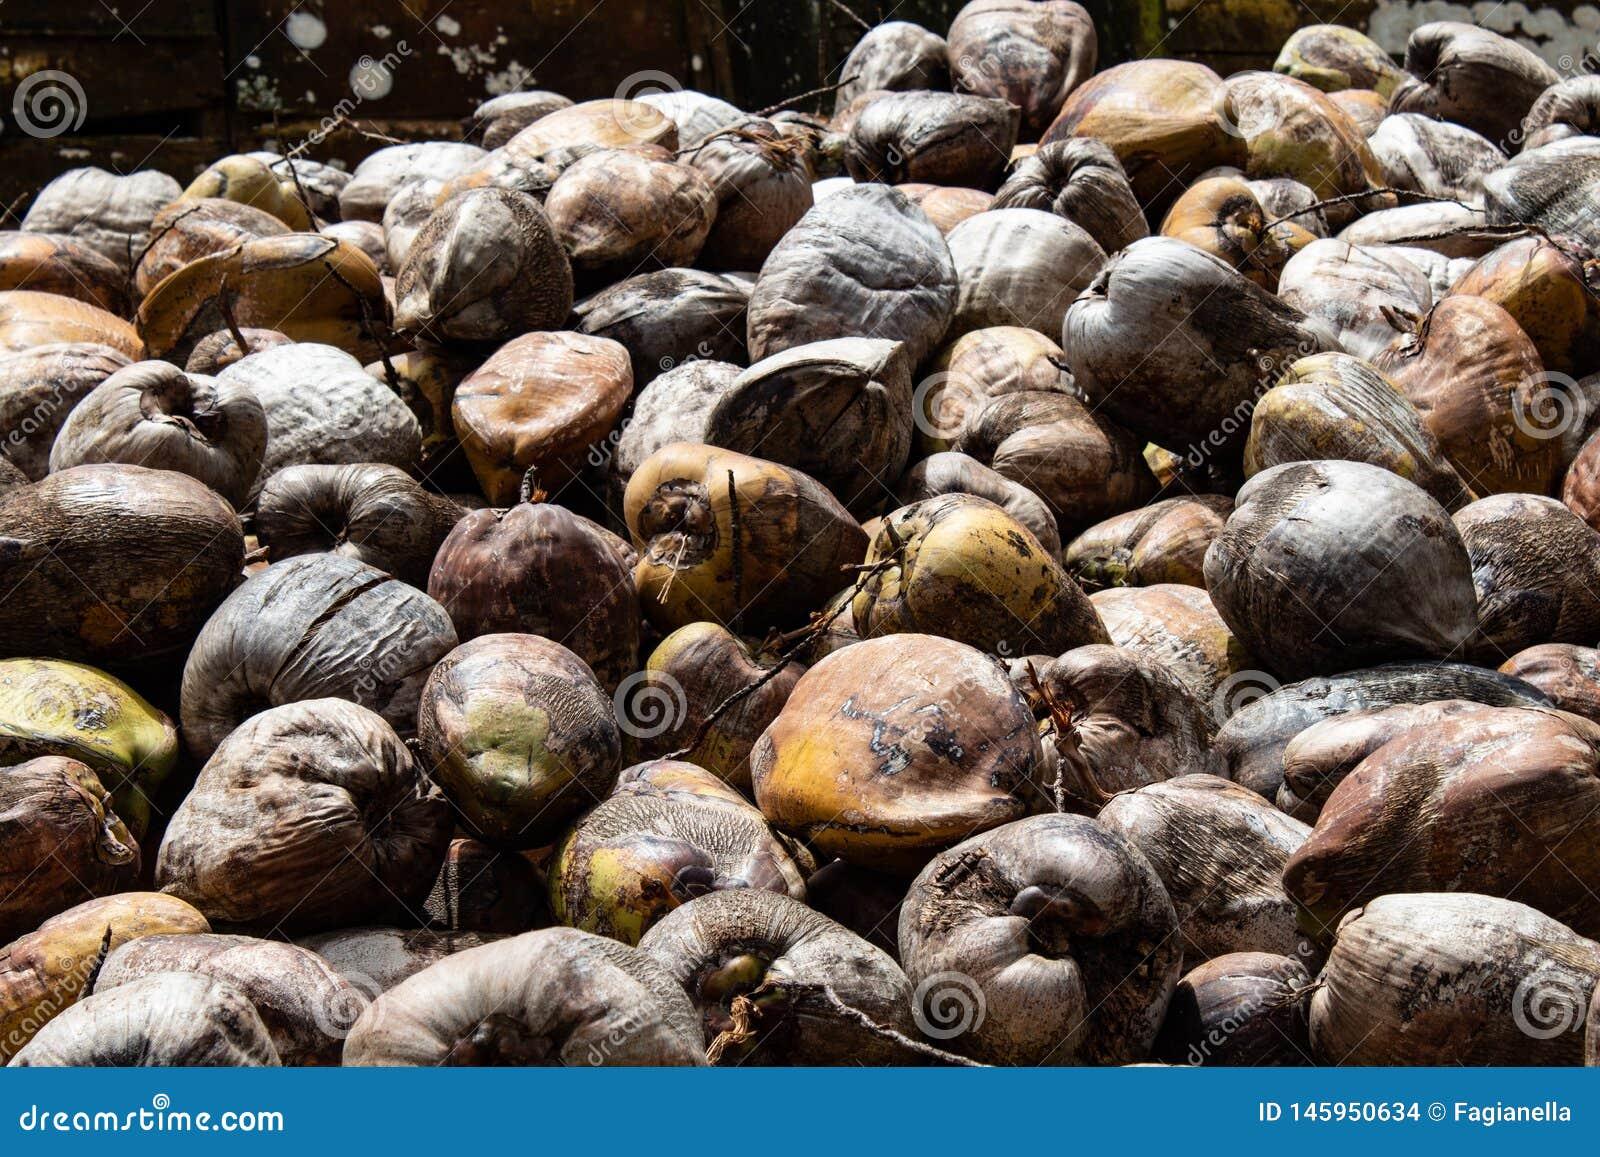 Azienda agricola della noce di cocco nella Repubblica dominicana: montagna delle noci di cocco